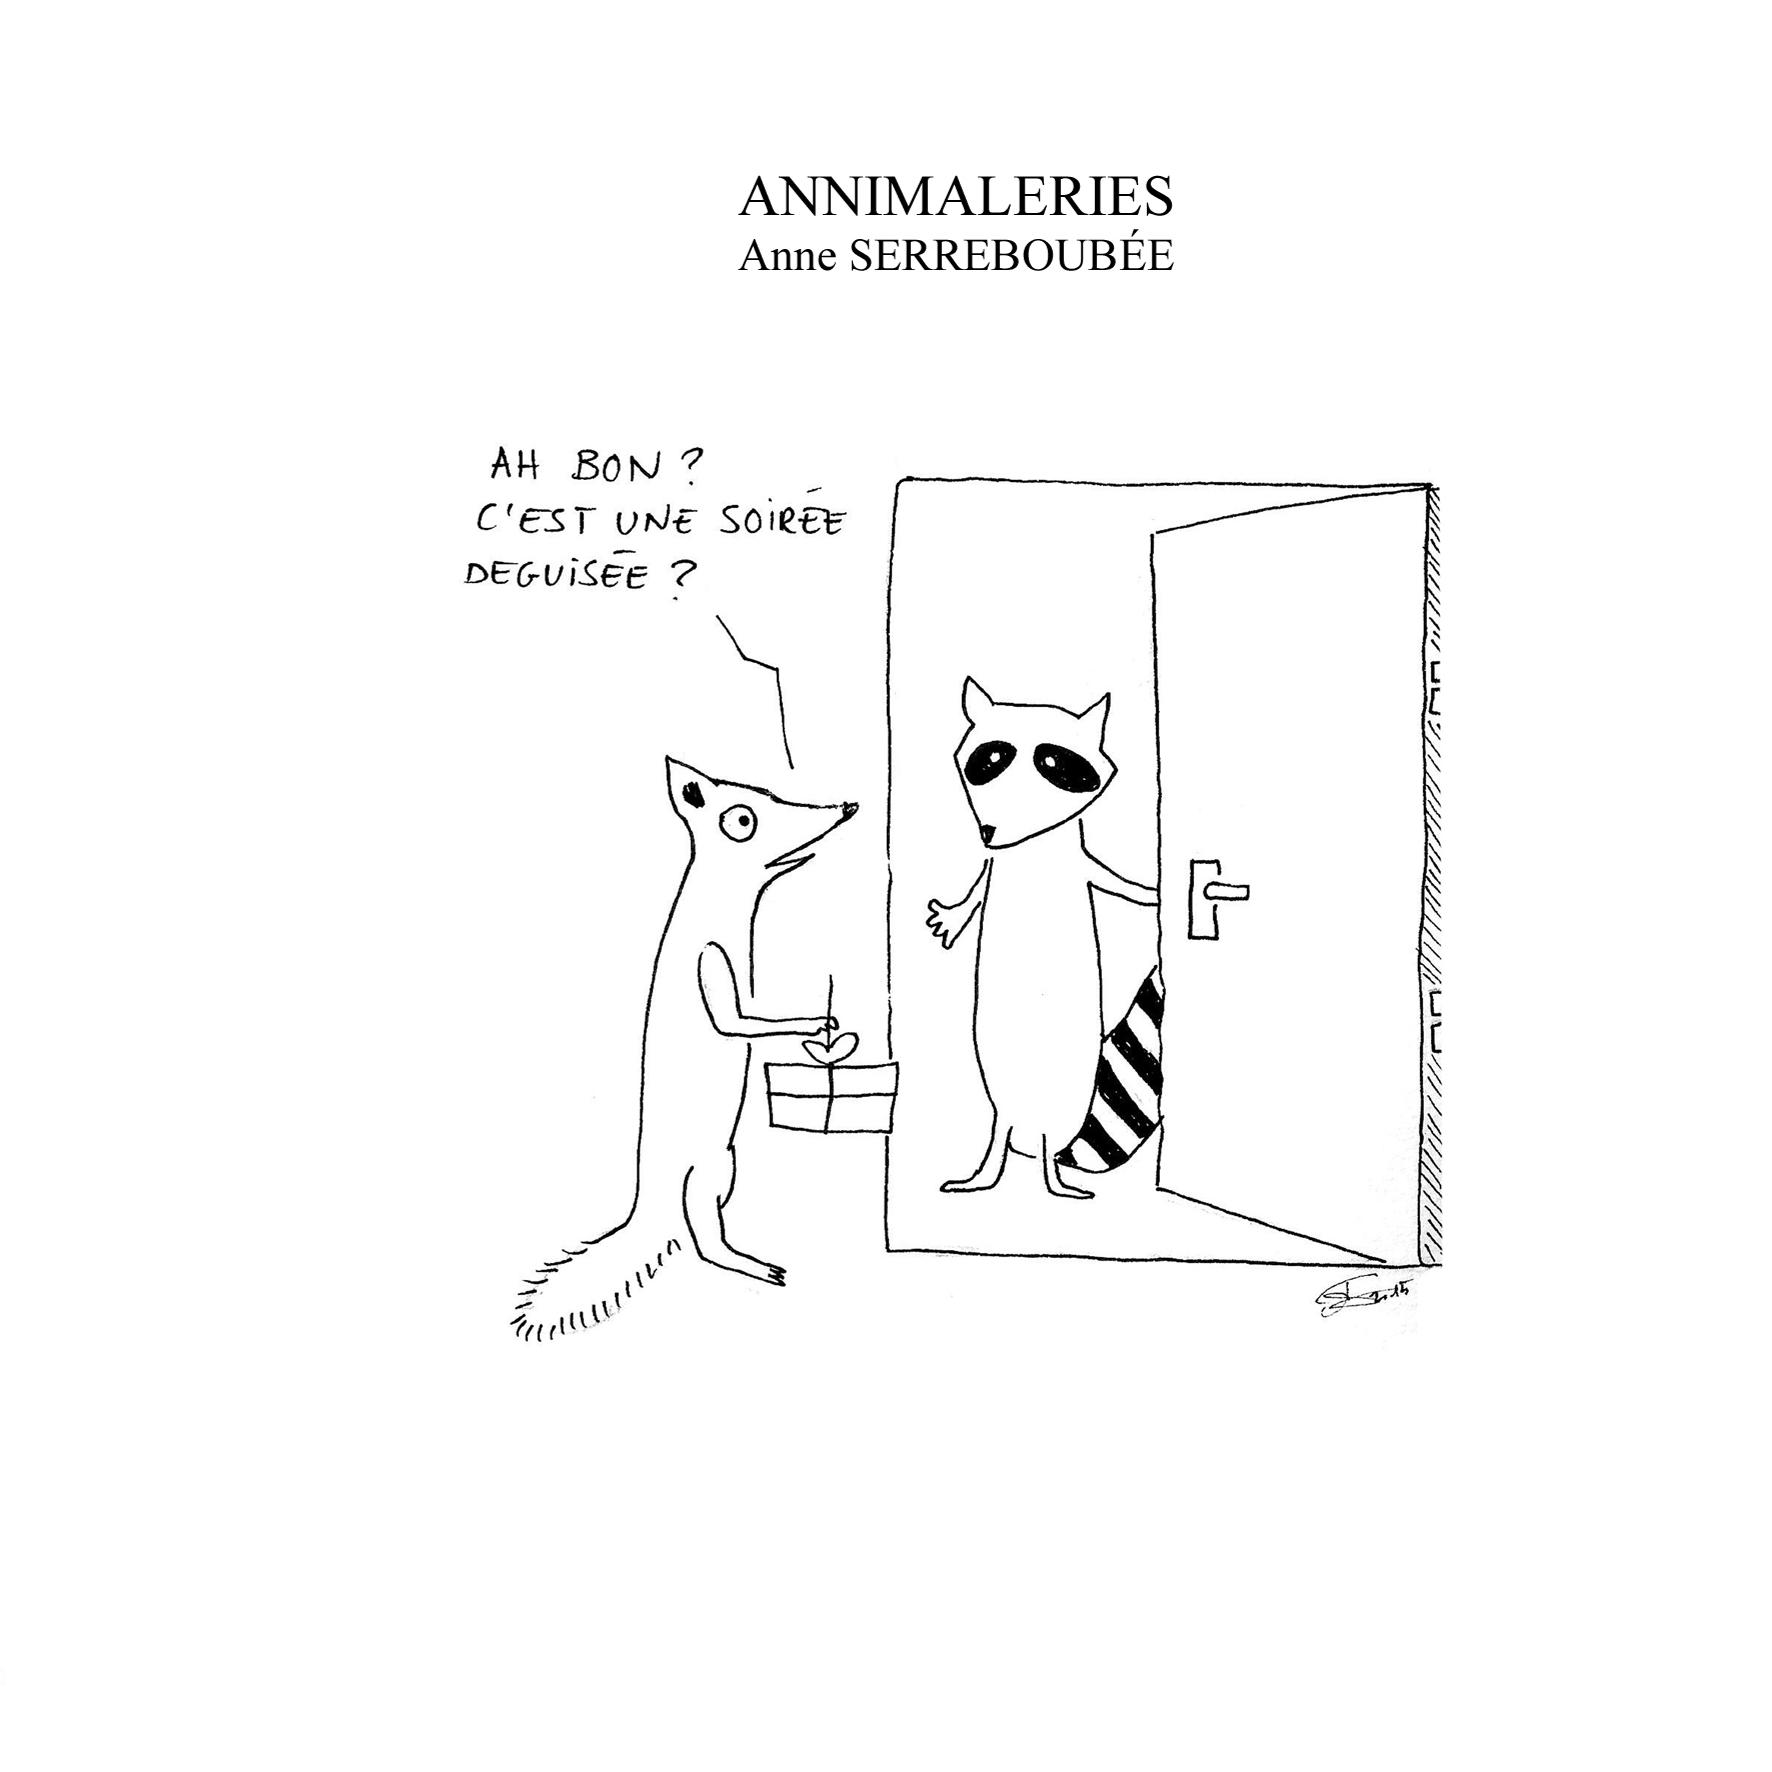 ANNIMALERIES